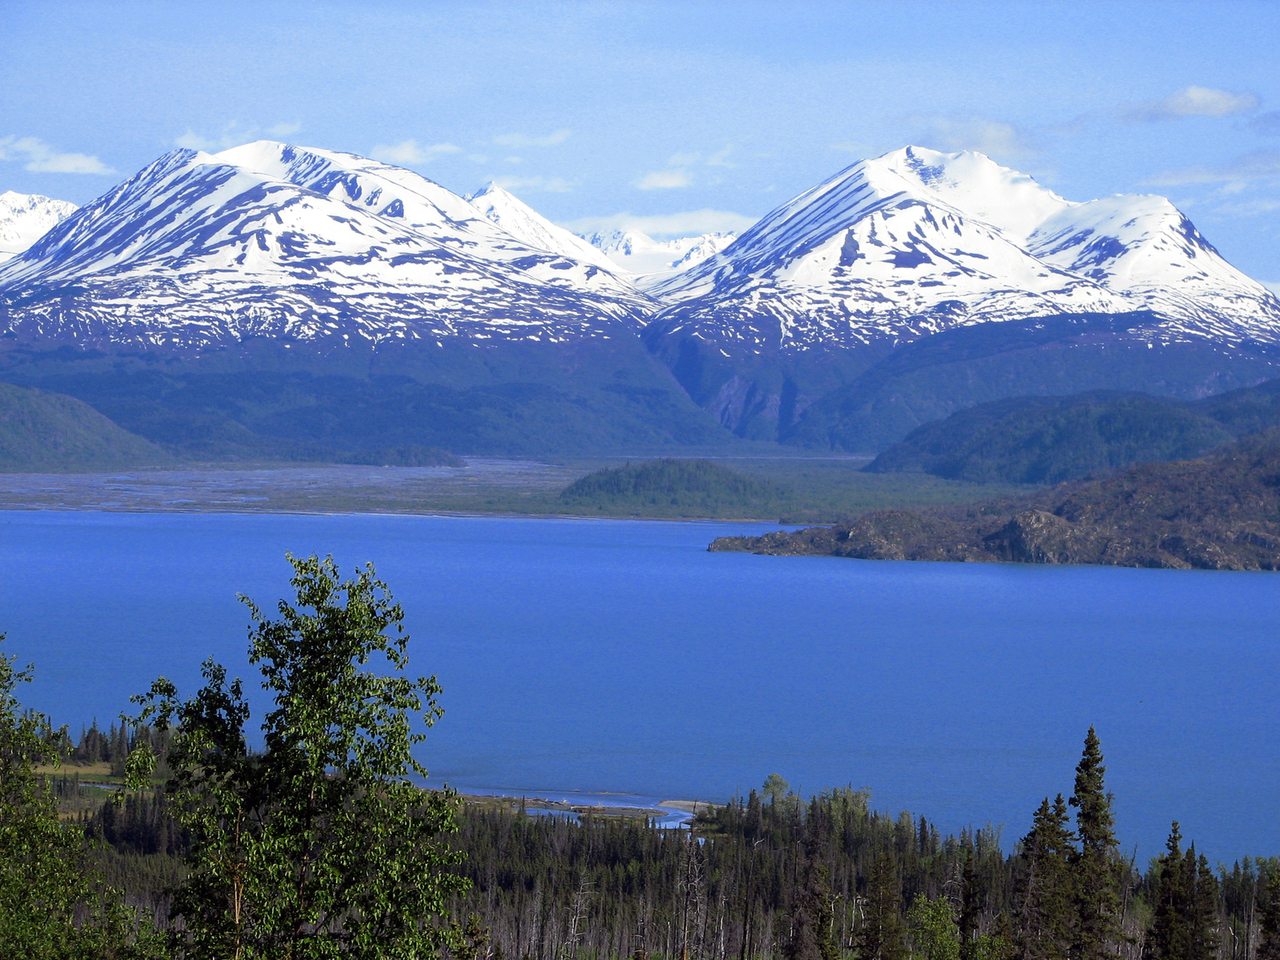 skilak-lake-1-1369857-1280x960.jpg